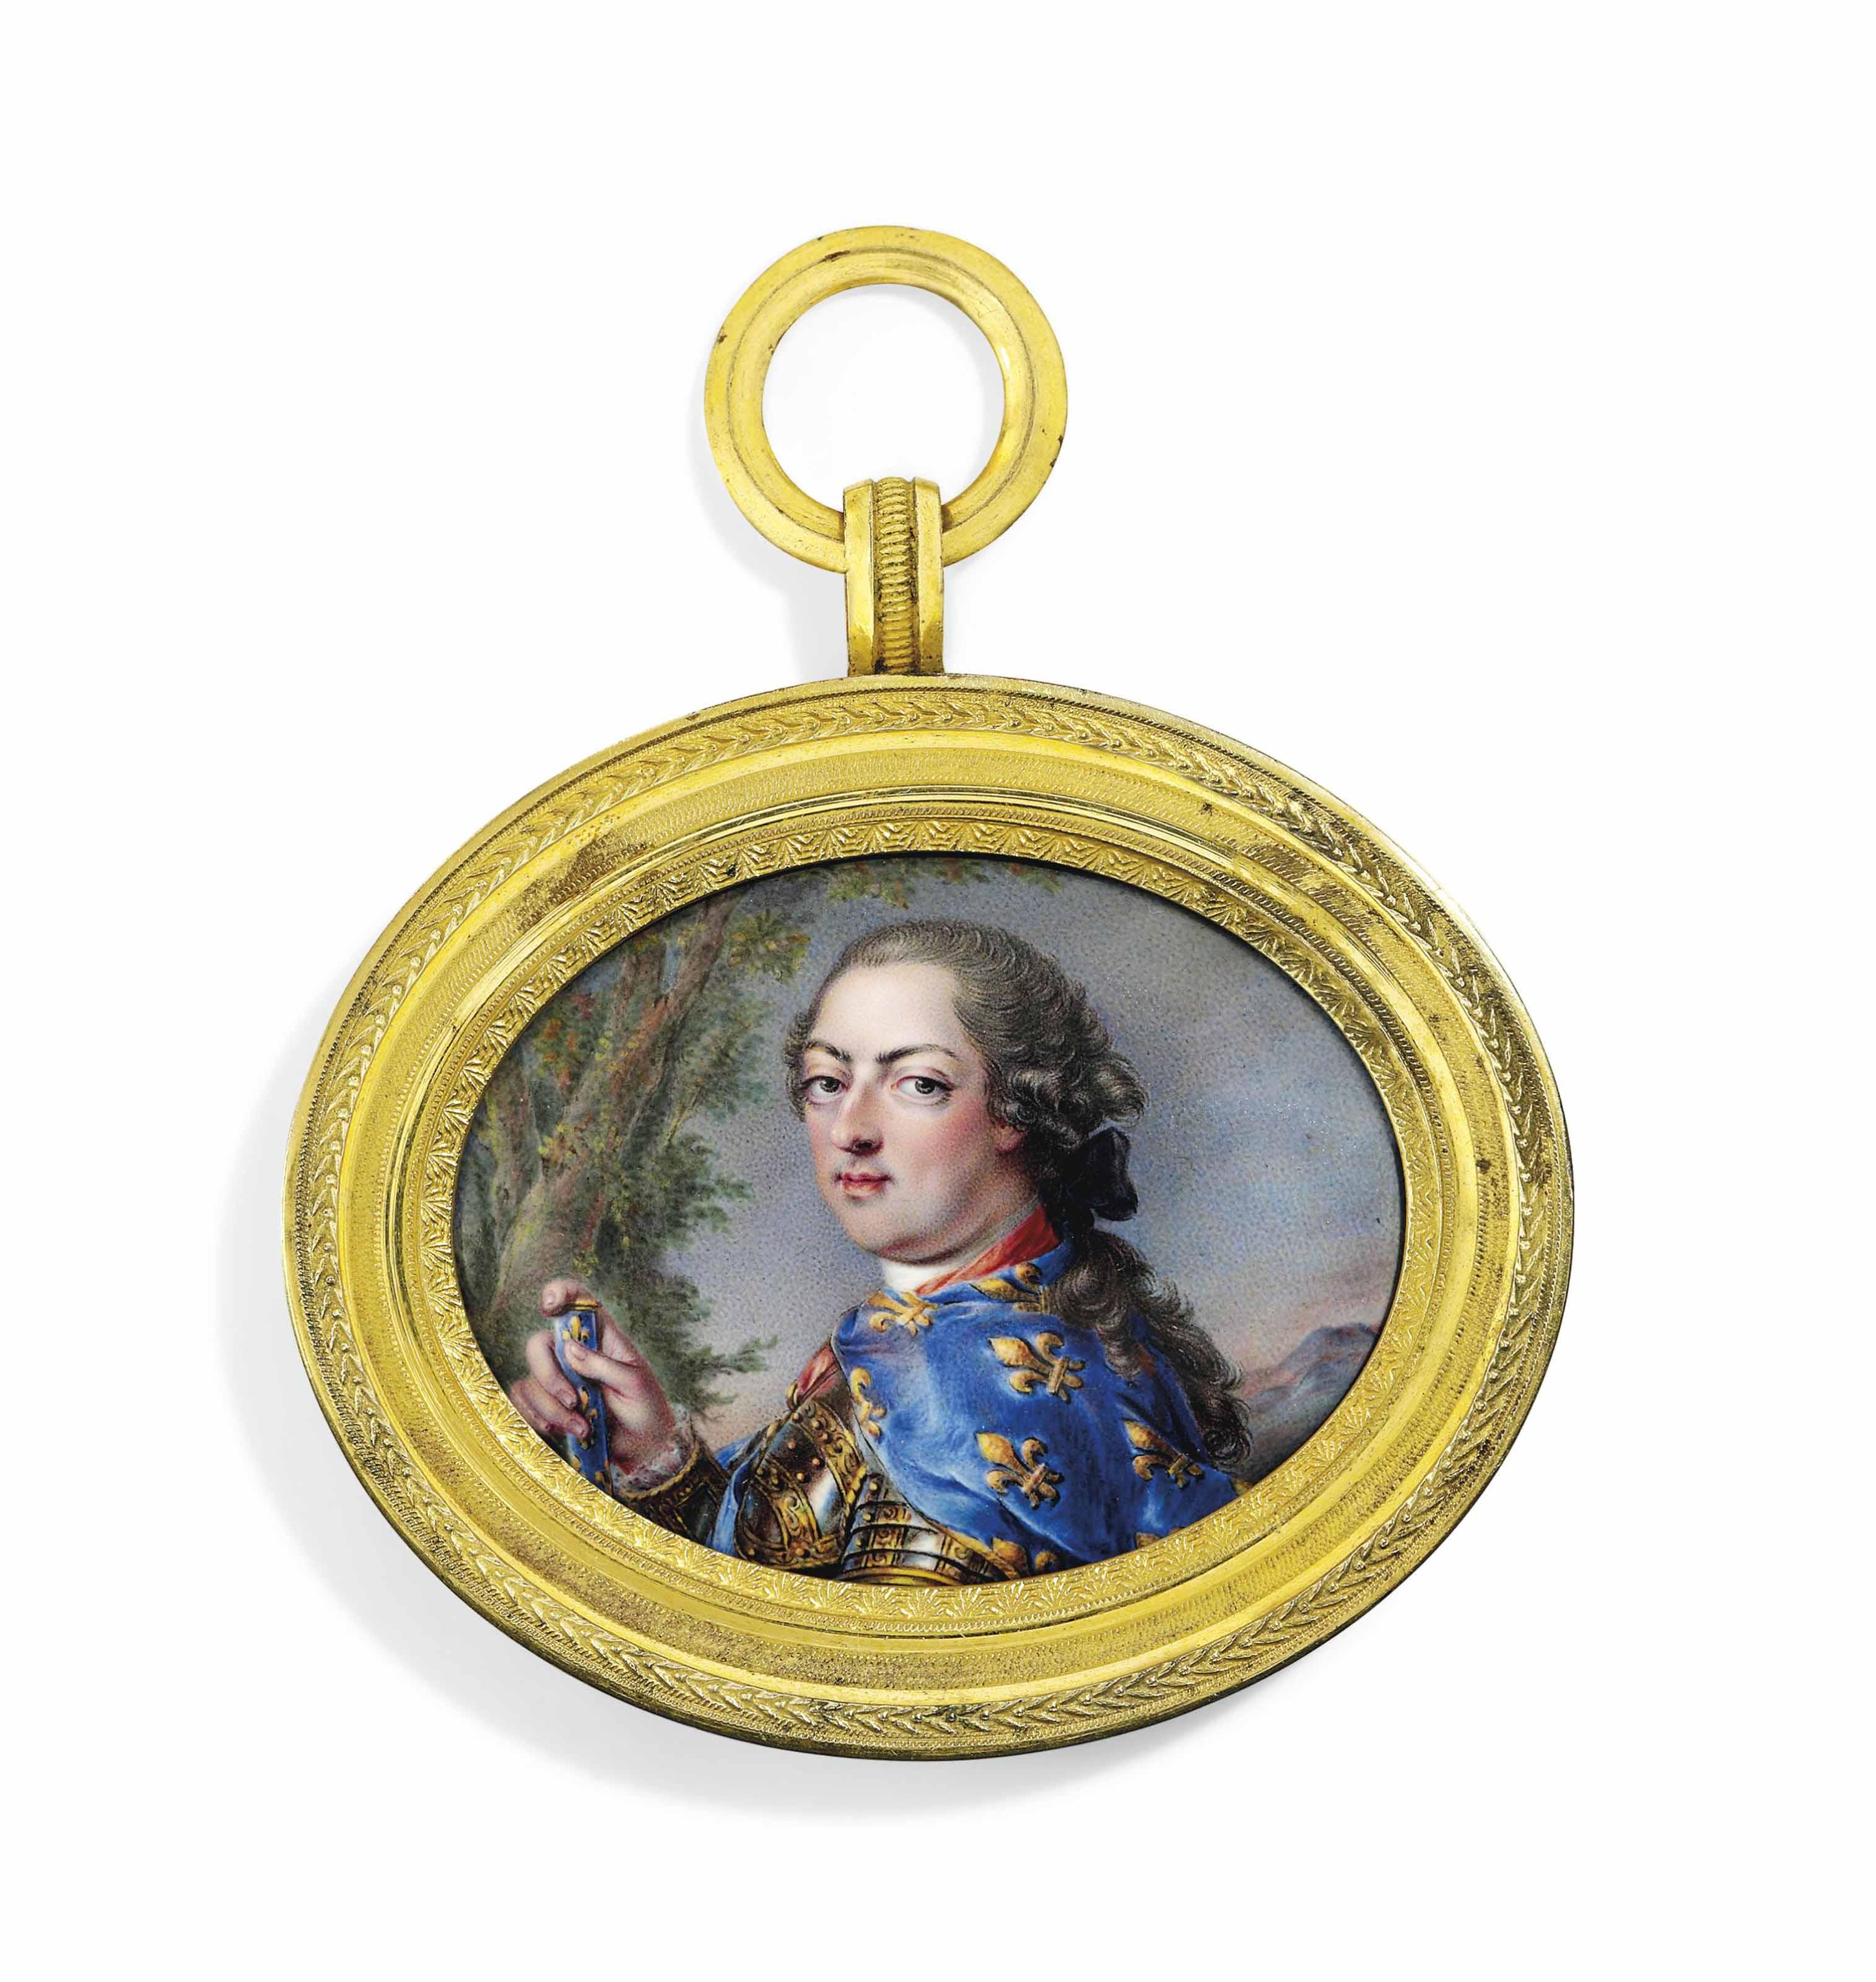 LOUIS-FRANÇOIS AUBERT (FRENCH, D. 1755)